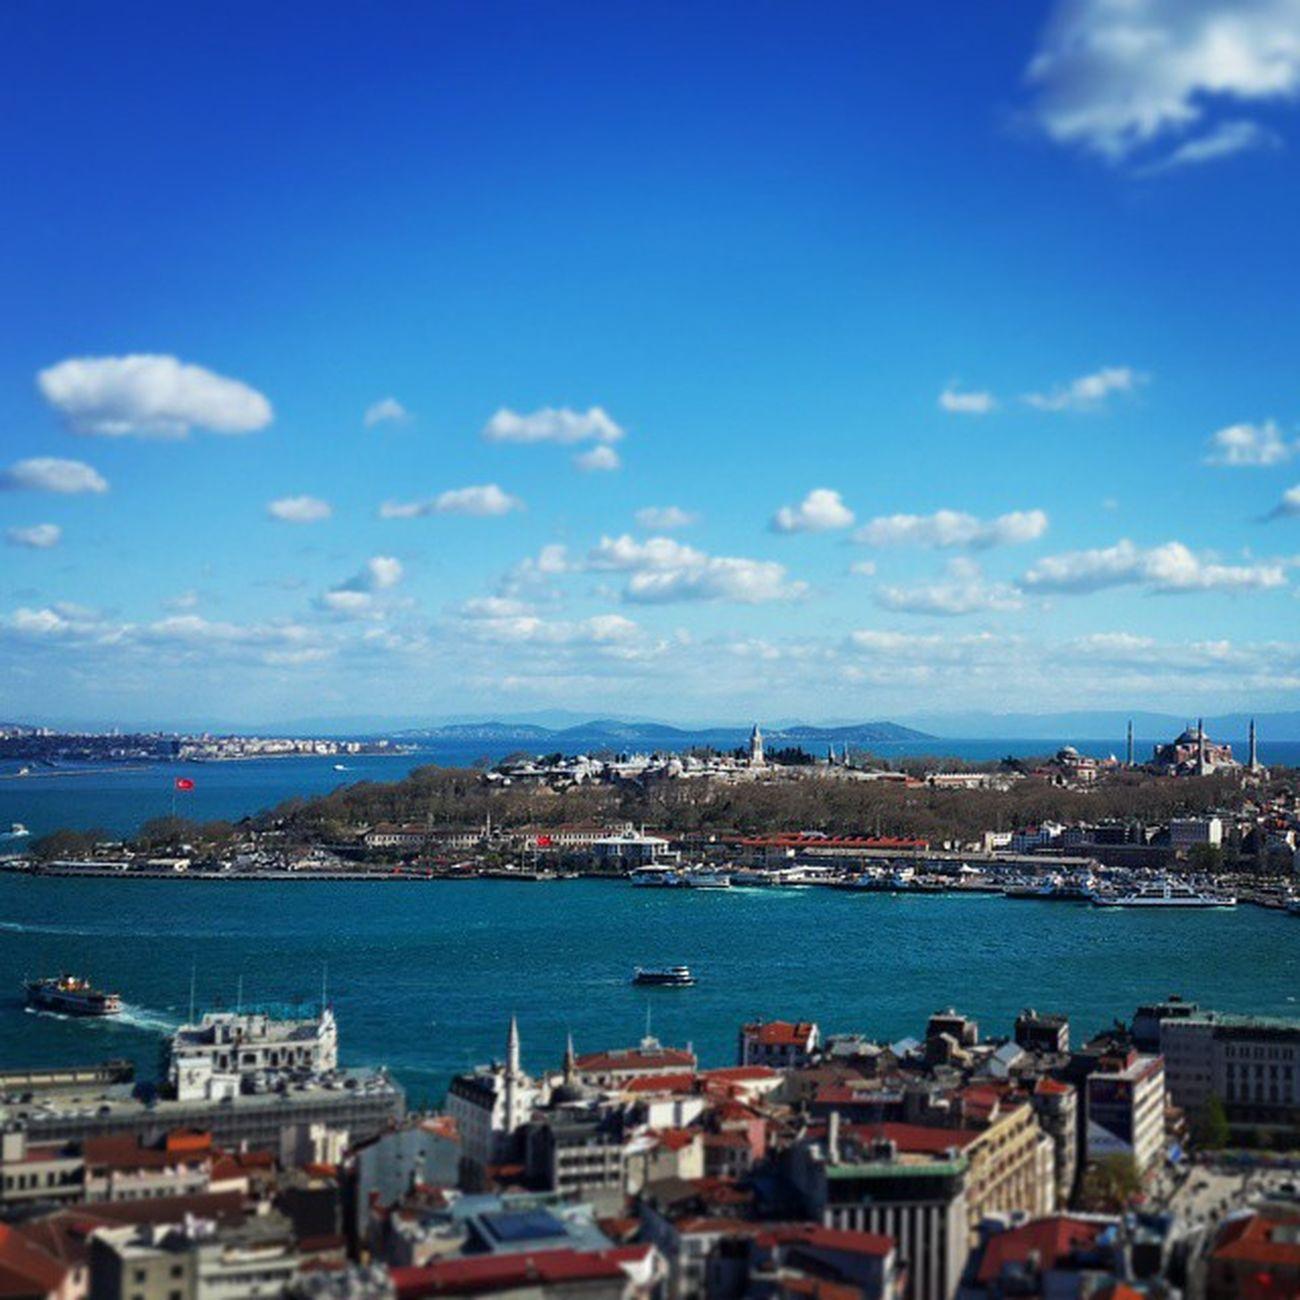 Istanbul Marmaradenizi Tarihiyarimada Adalar Mavigökyüzü Bulutlar Galatakulesi Manzarası Uludag